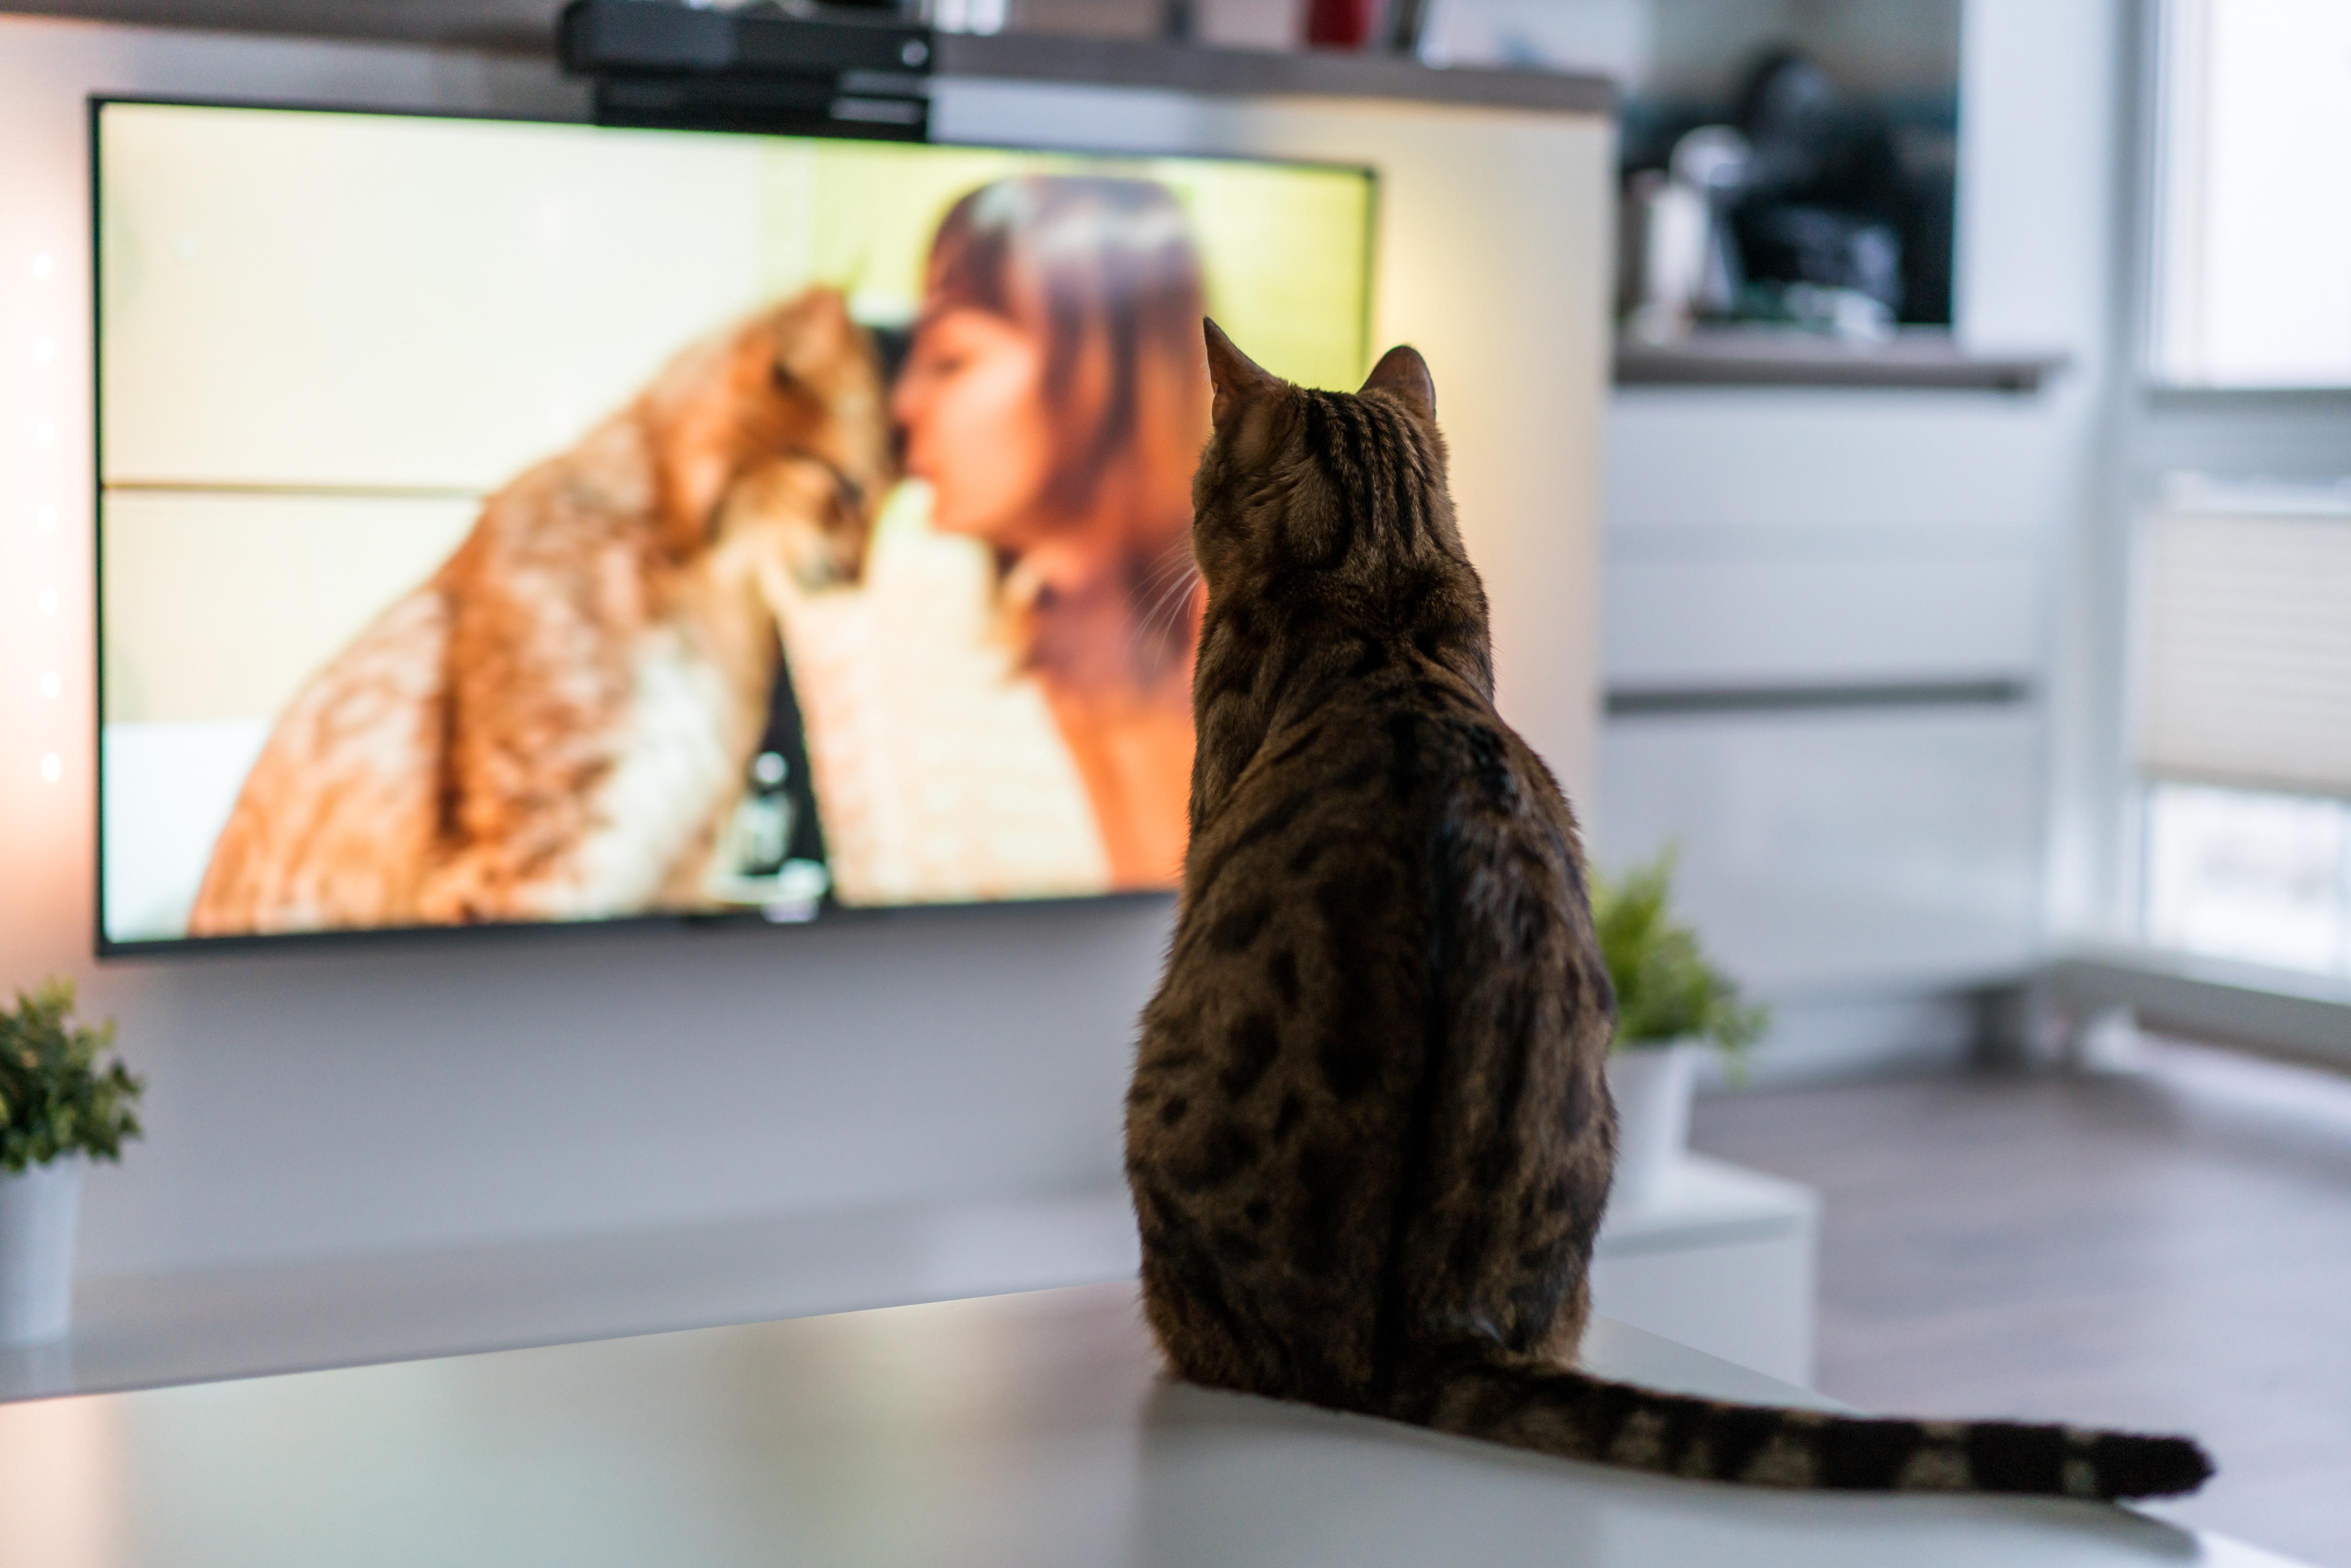 愛猫がテレビを見ているけど、意味は分かっているの?それともテレビを見て楽しんでいるの?